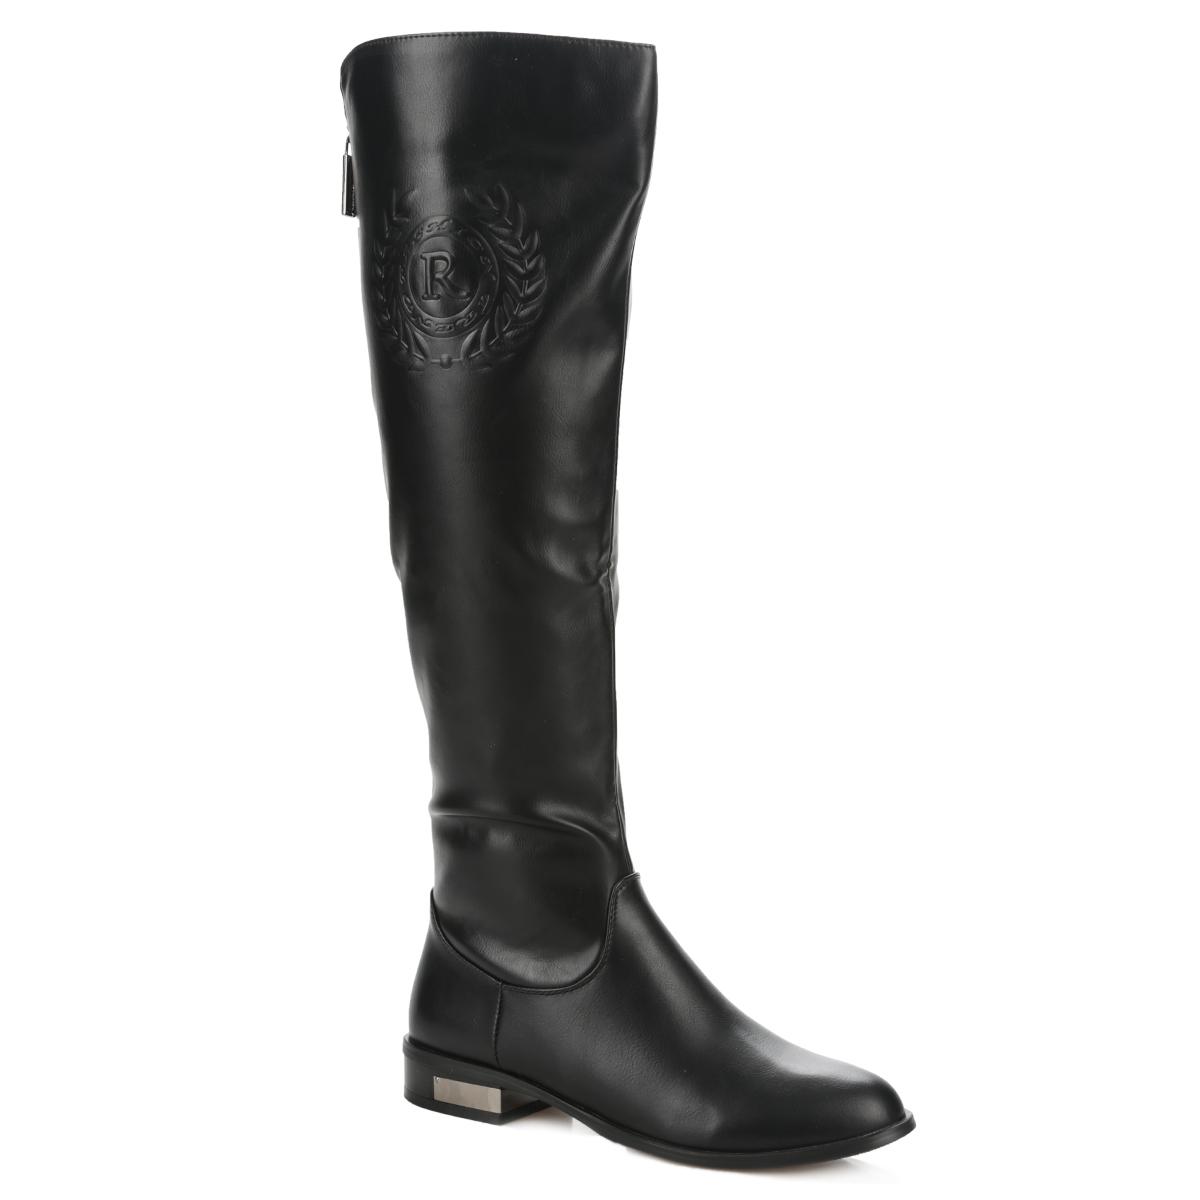 Сапоги женские. 60202-02-1B60202-02-1BСтильные сапоги от Inario придутся вам по душе! Модель изготовлена из мягкой искусственной кожи и оформлена на голенище конгревным тиснением, на каблуке - металлической вставкой. Застежки-молнии, расположенные на голенище и сбоку, позволяют оптимально зафиксировать обувь на вашей ноге. Мягкая подкладка и стелька из байки сохраняют тепло, обеспечивая максимальный комфорт при движении. Невысокий каблук устойчив. Подошва - с противоскользящим рифлением. Эффектные сапоги выделят вас среди окружающих!